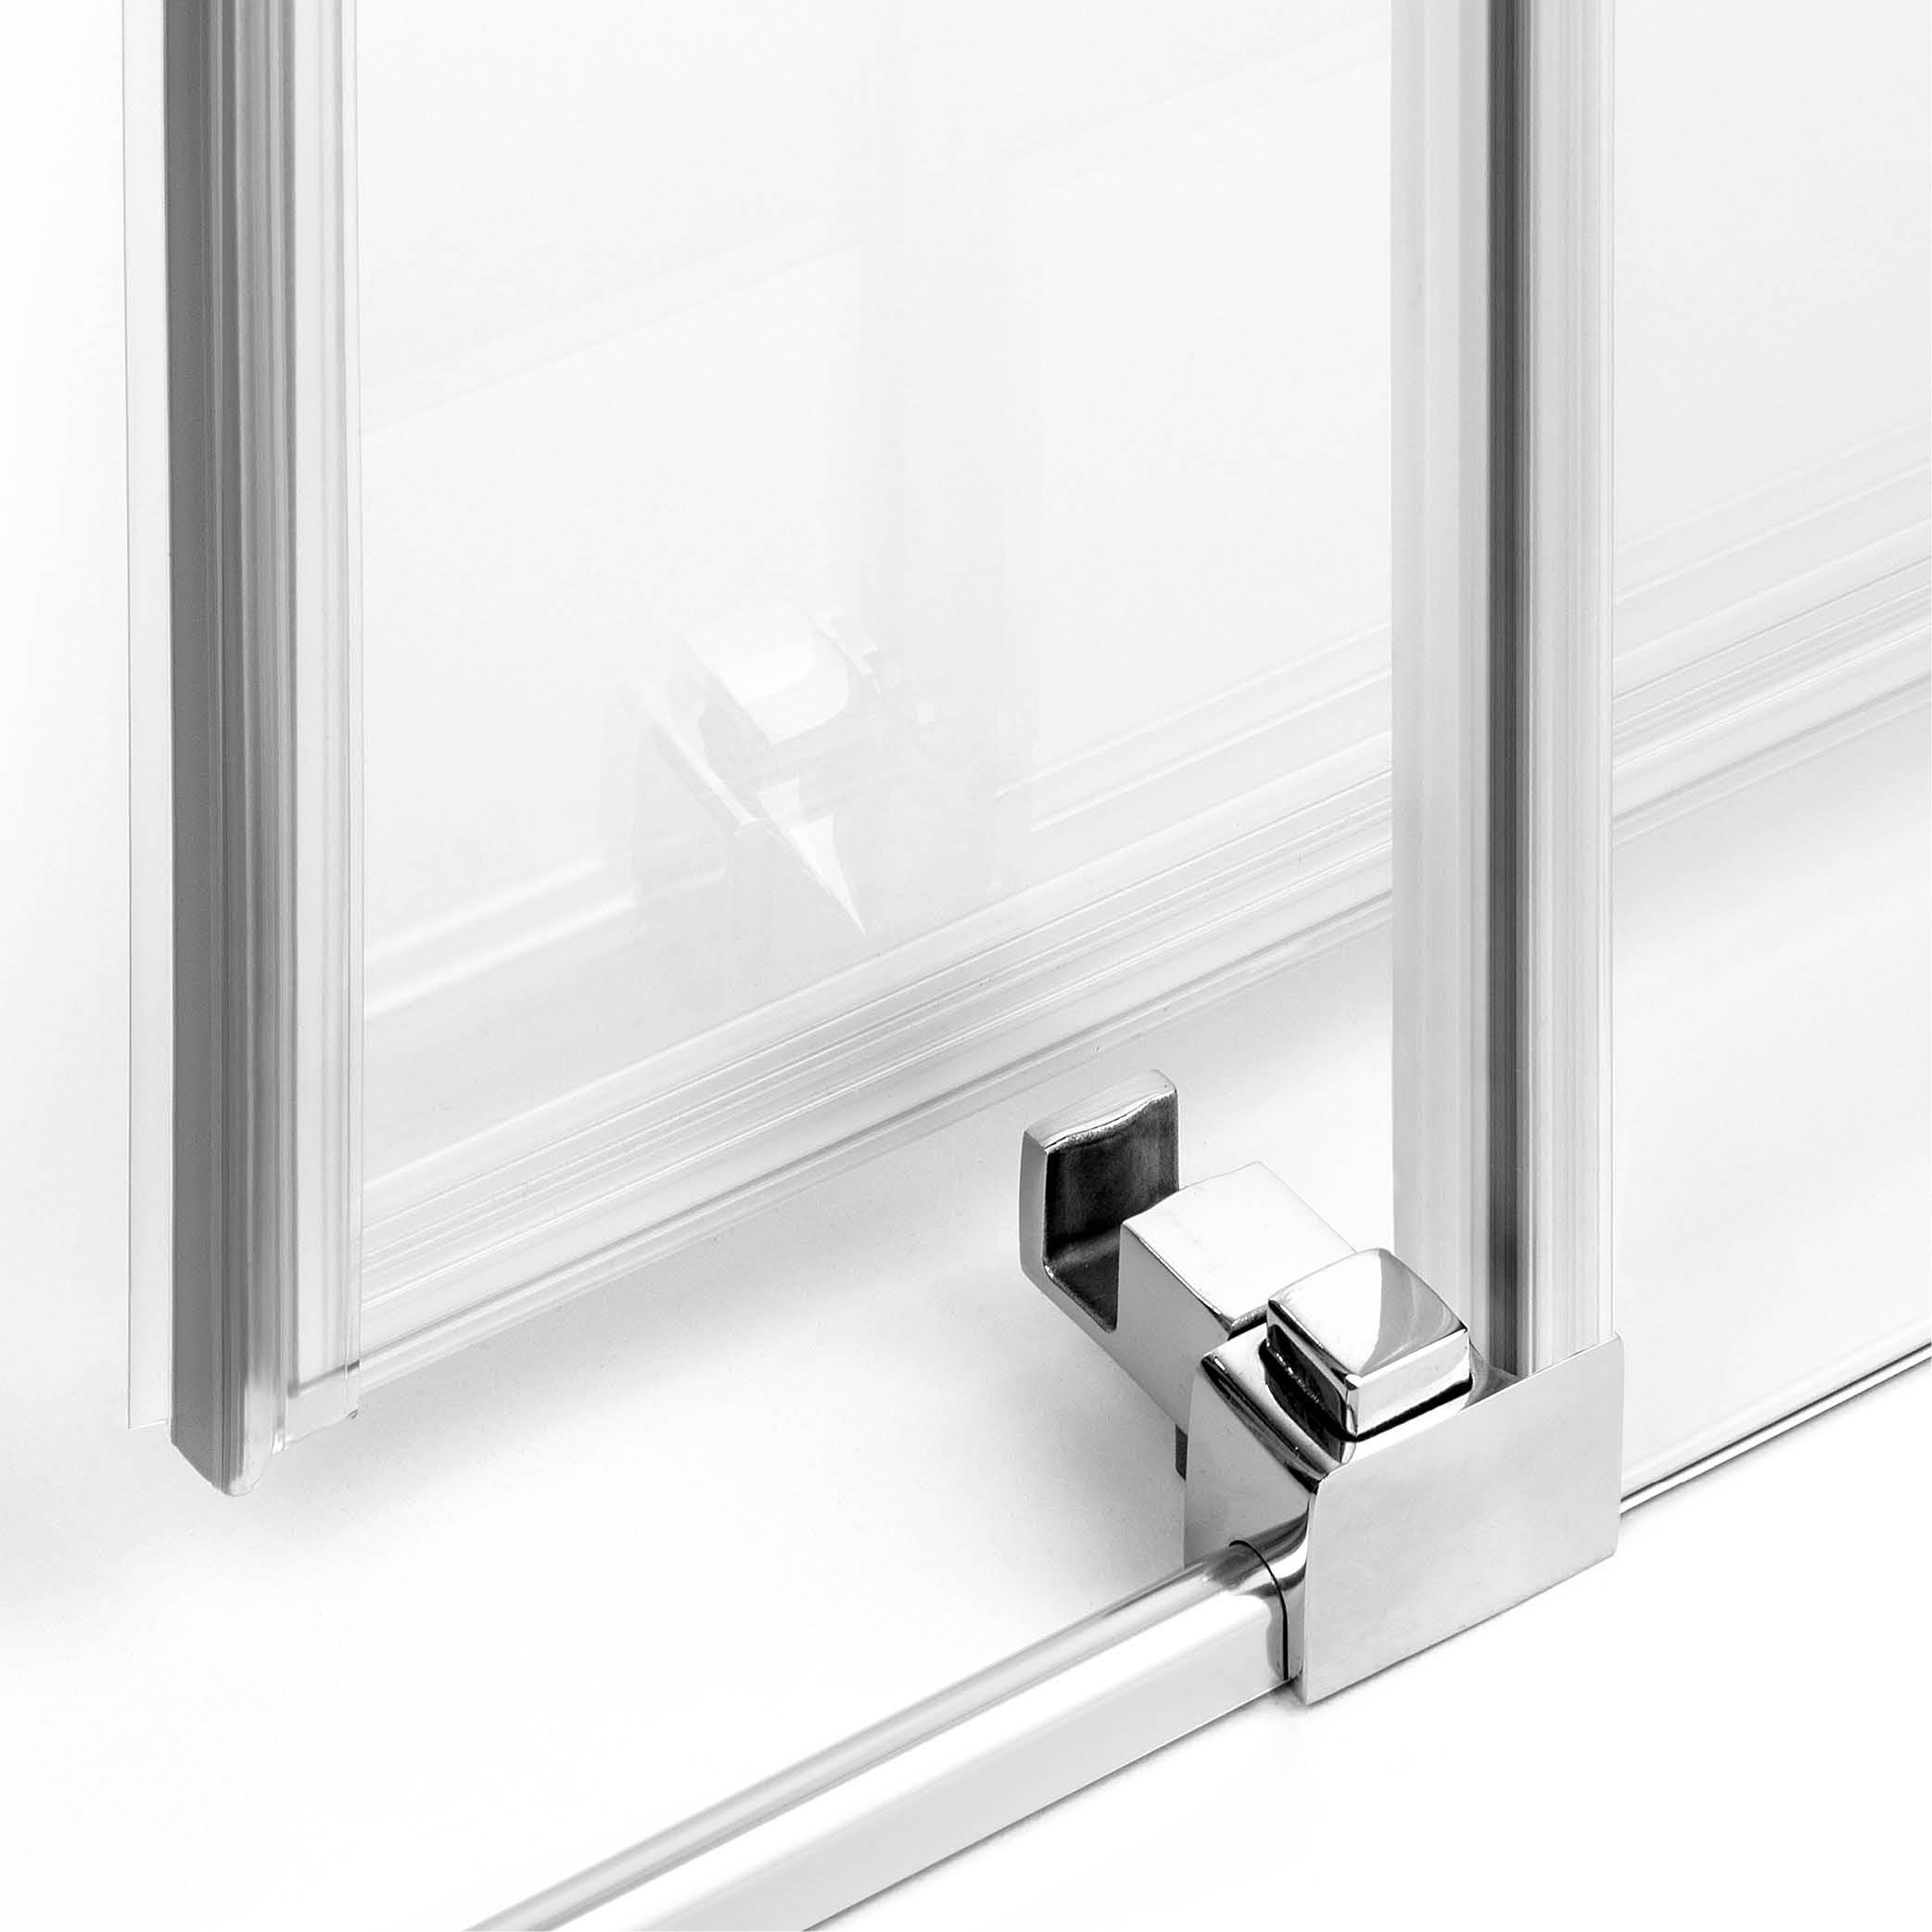 Wypinanie drzwi ułatwia montaż oraz pielęgnację kabiny